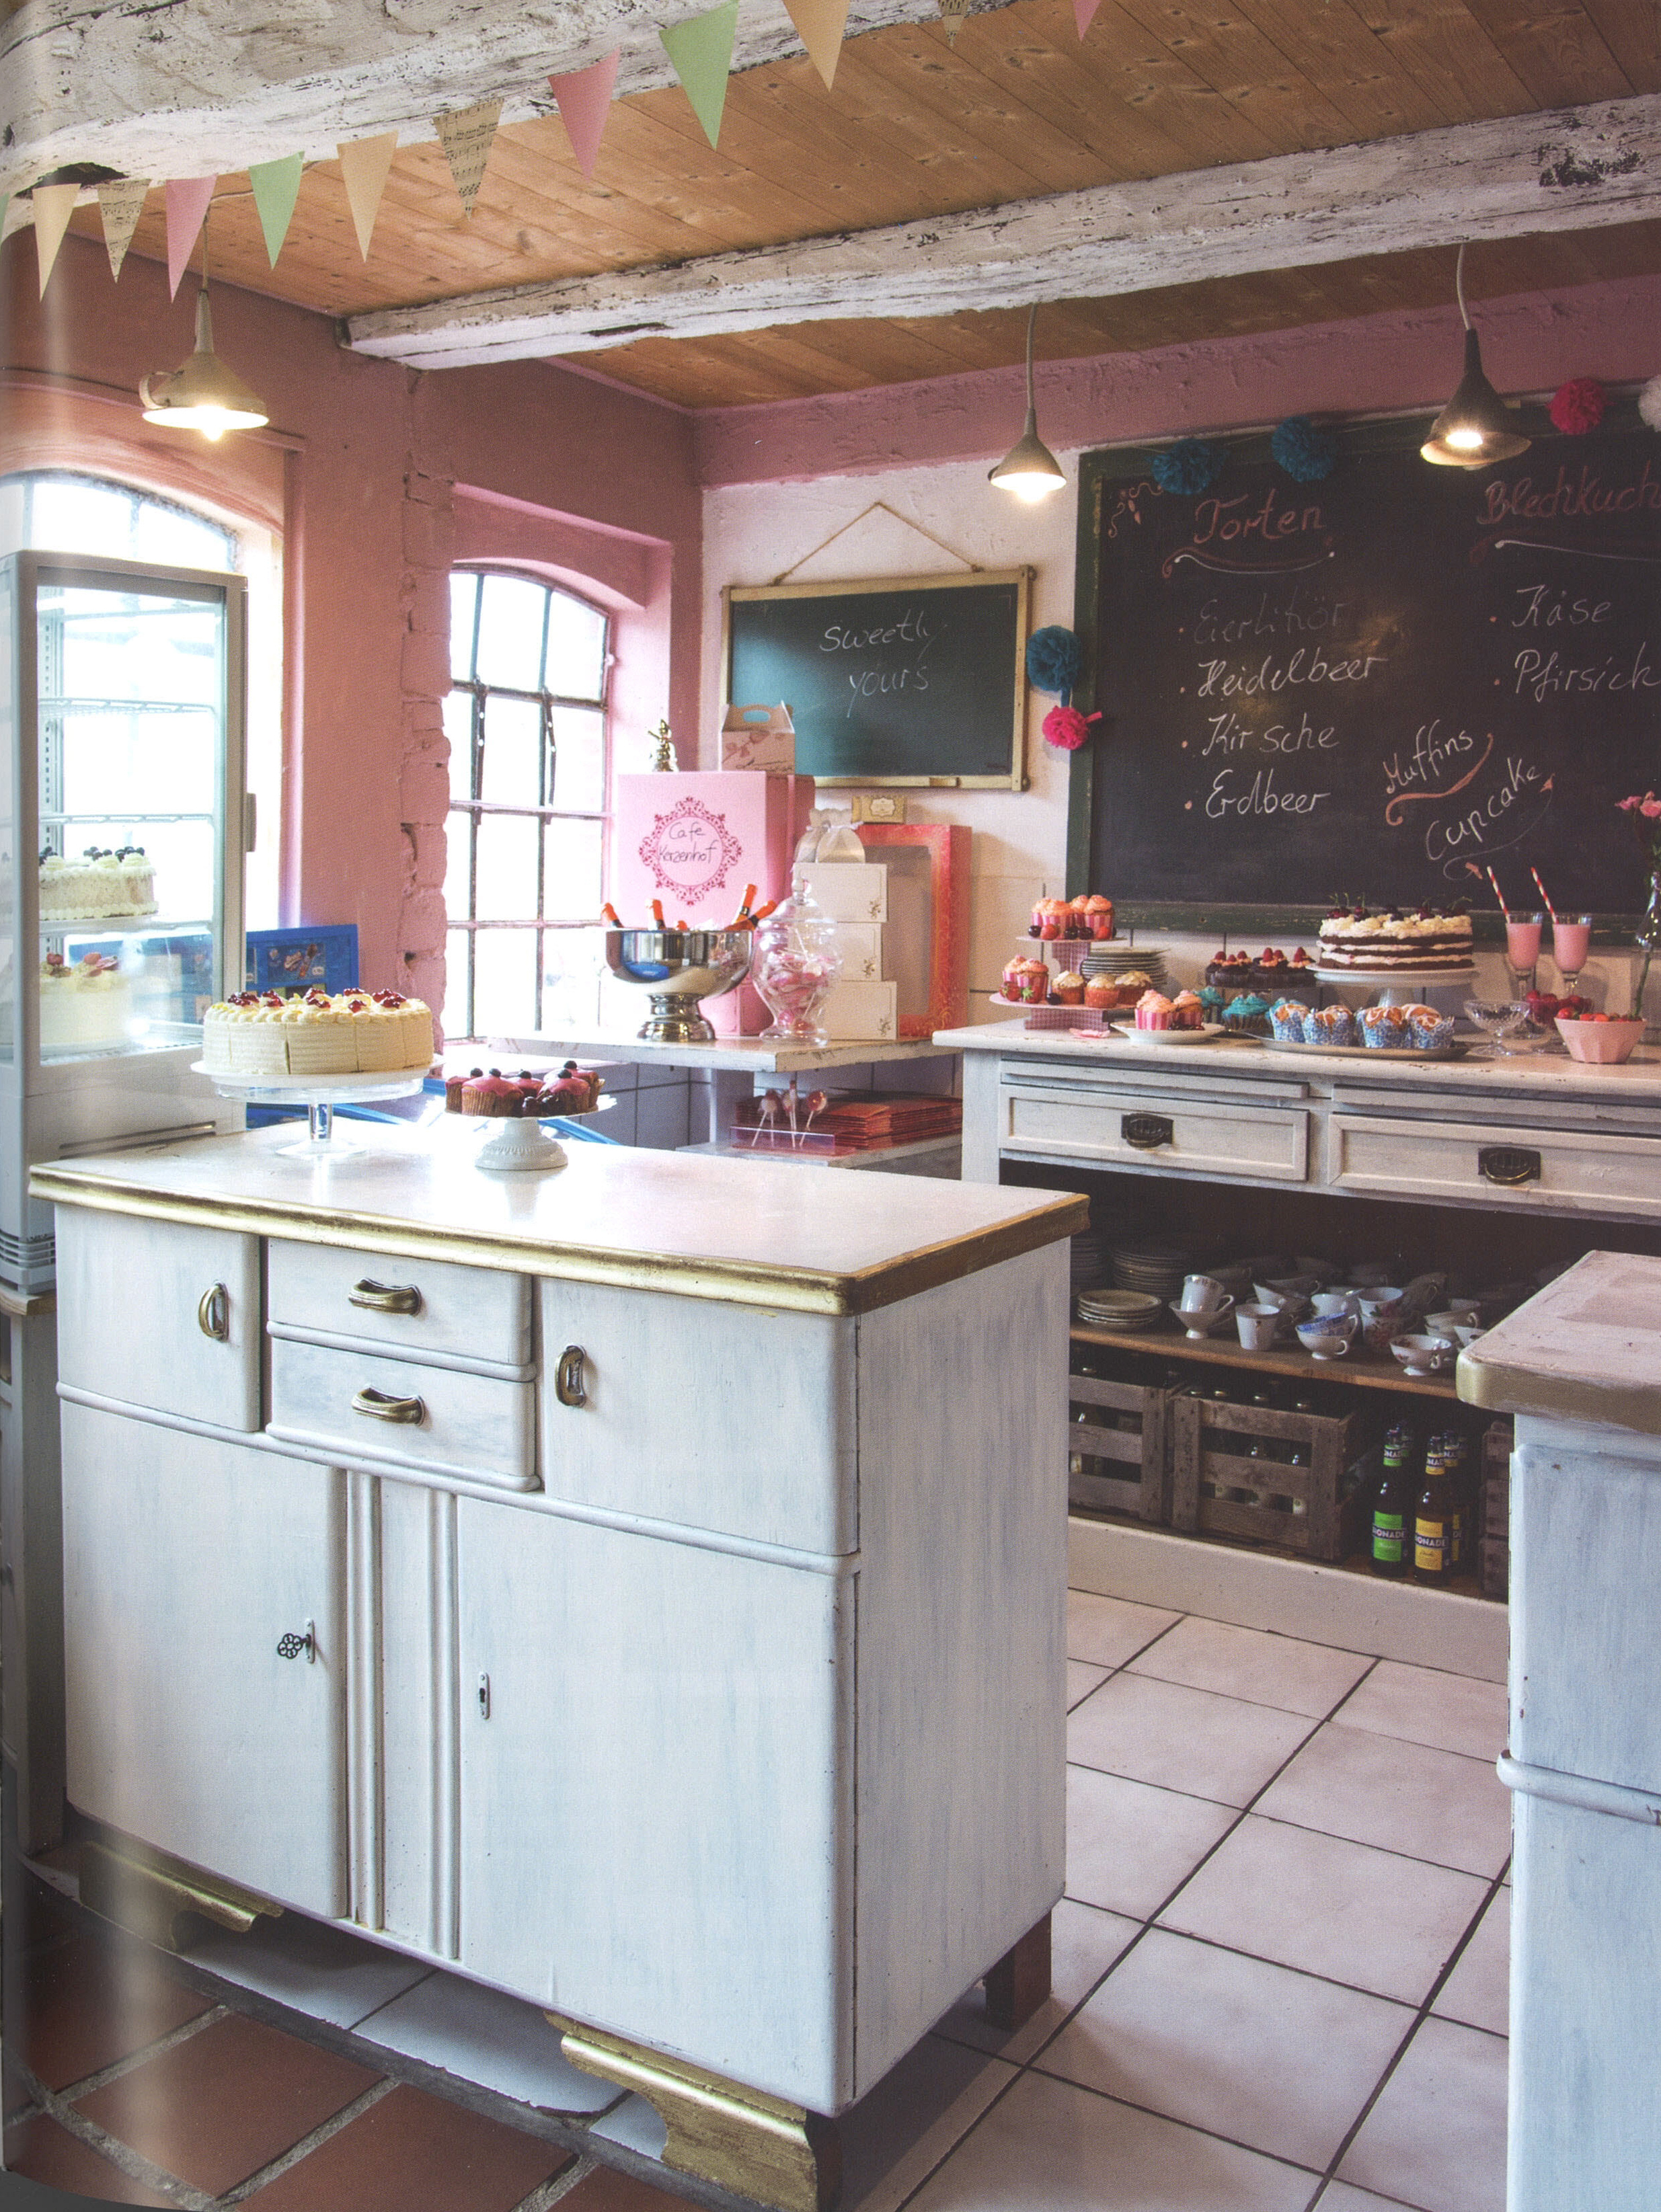 we love aarau | magazin | schöner essen und trinken, Innenarchitektur ideen